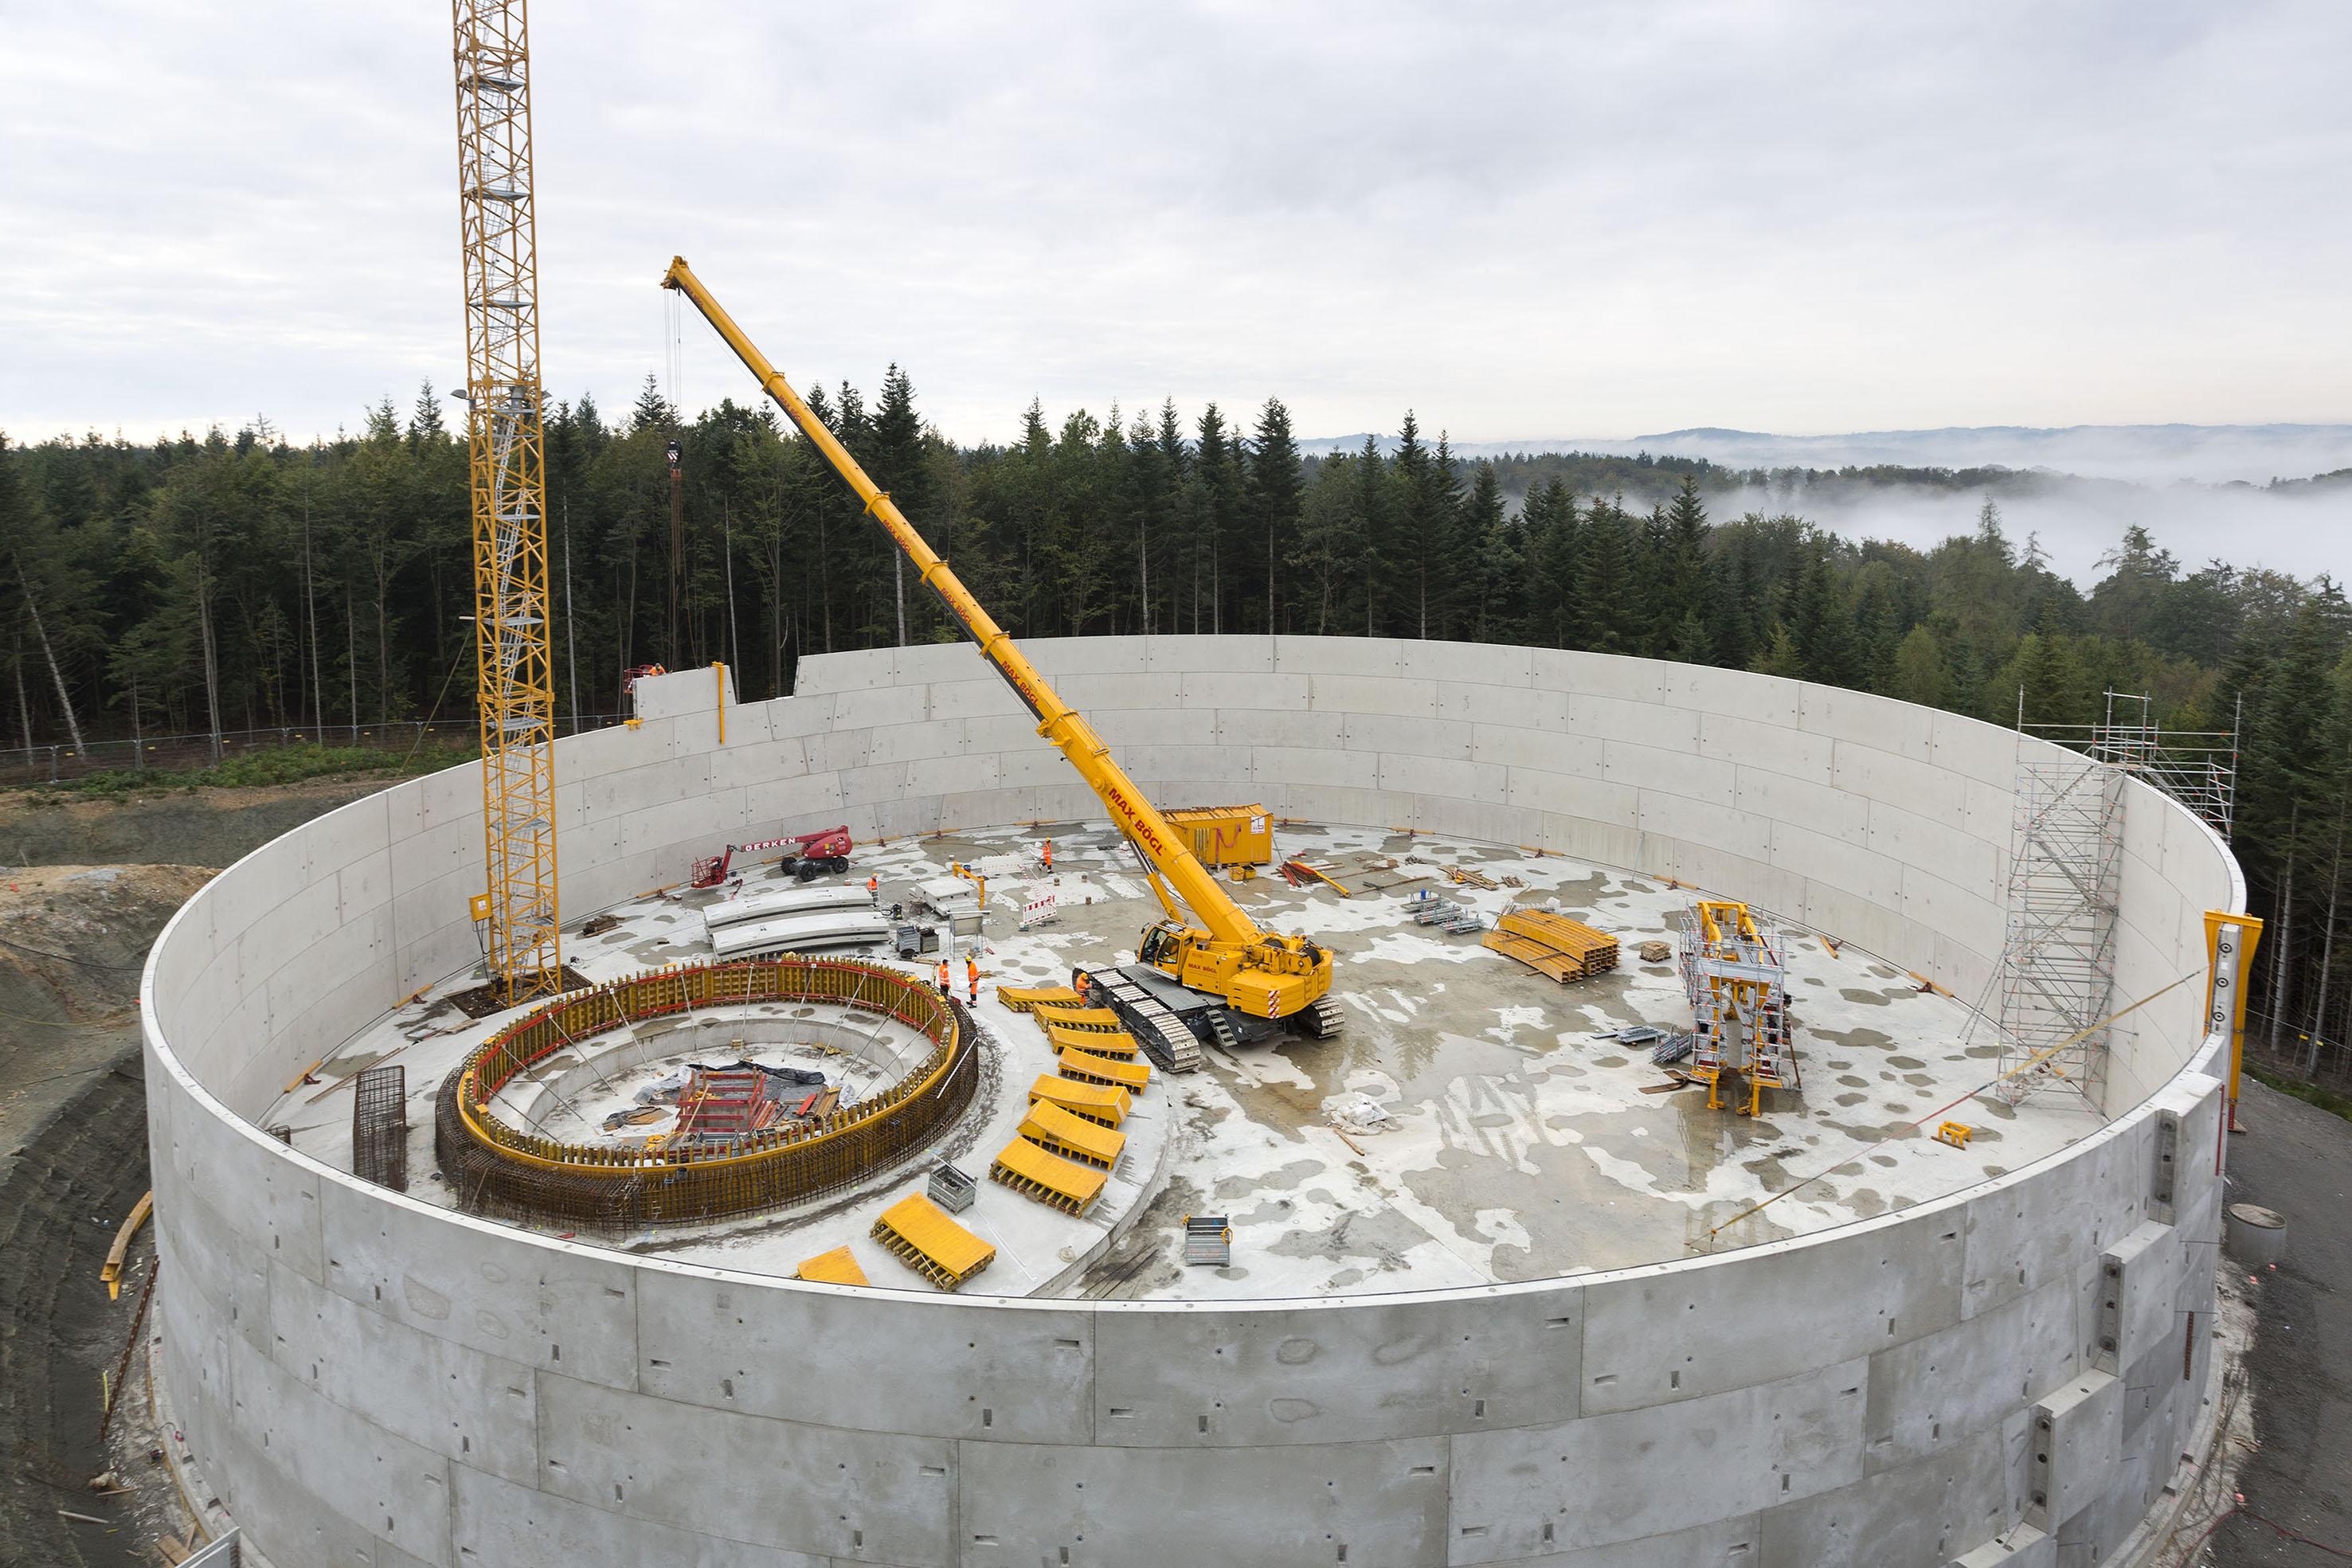 Zentral platziert erreicht der Raupen-Teleskopkran alle Stellen der bis zu 15 Meter hohen Stahlbeton-Mauer.